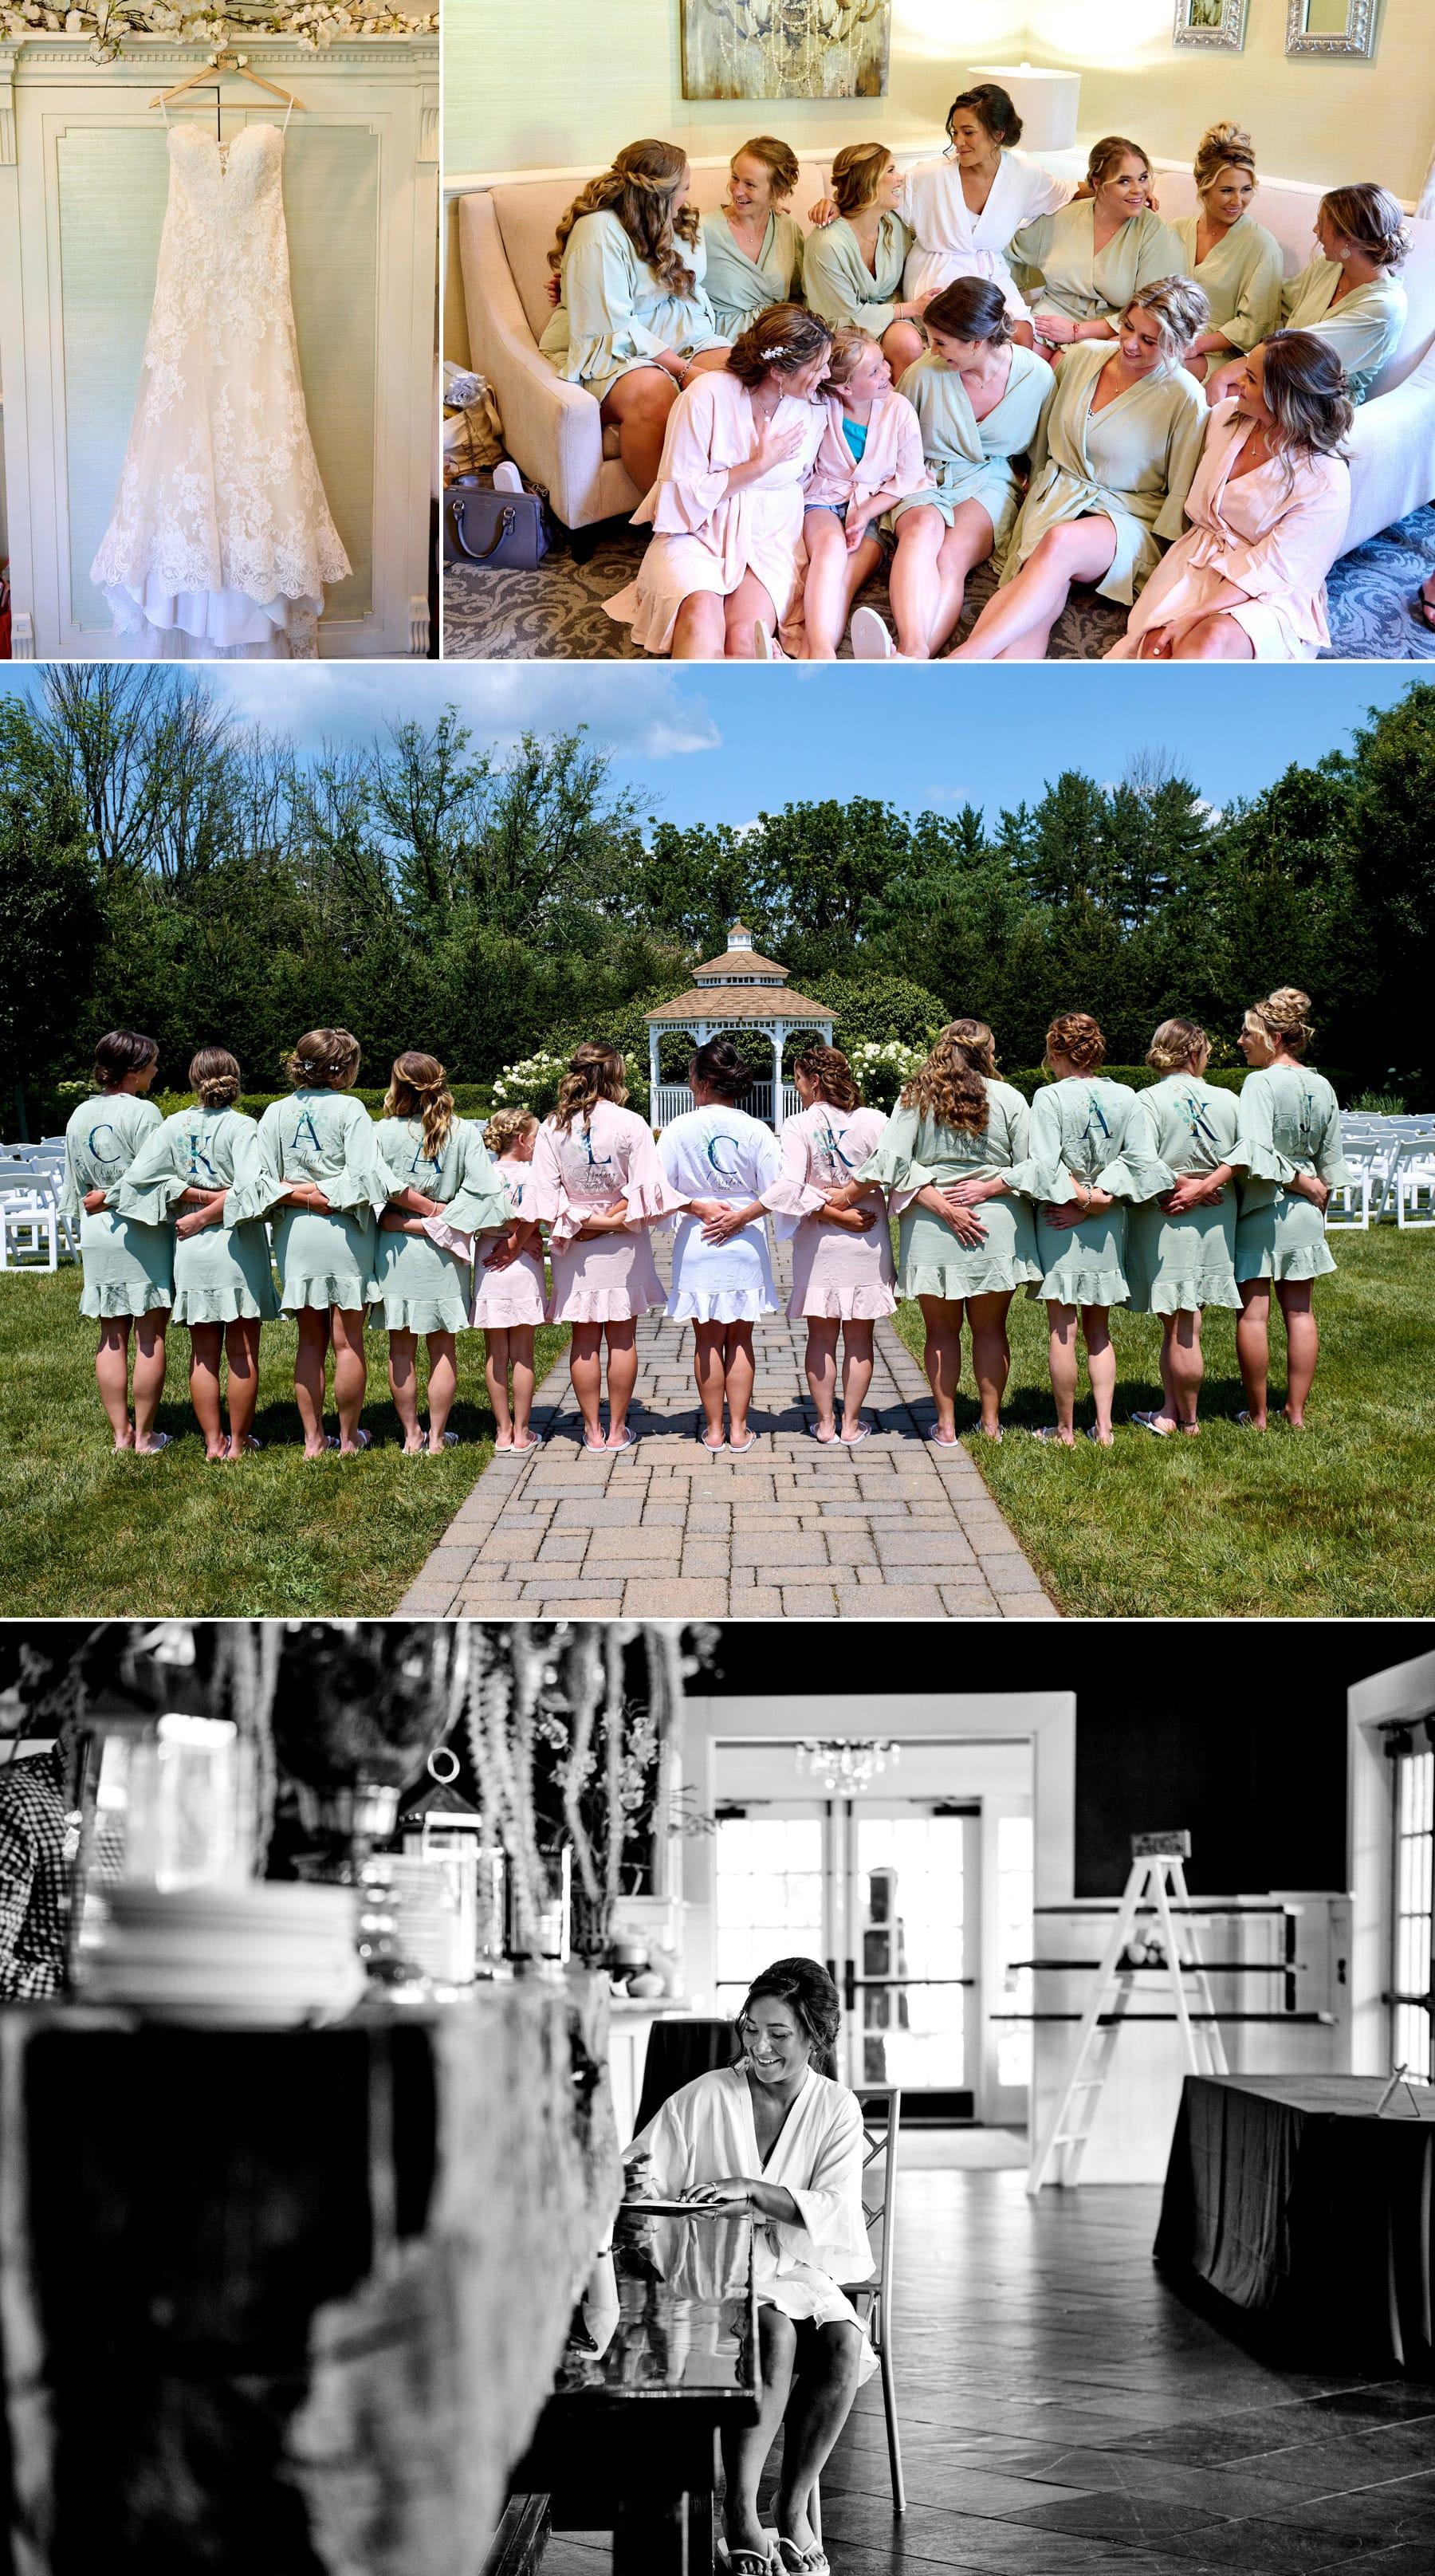 bridesmaids photos at The Farmhouse wedding